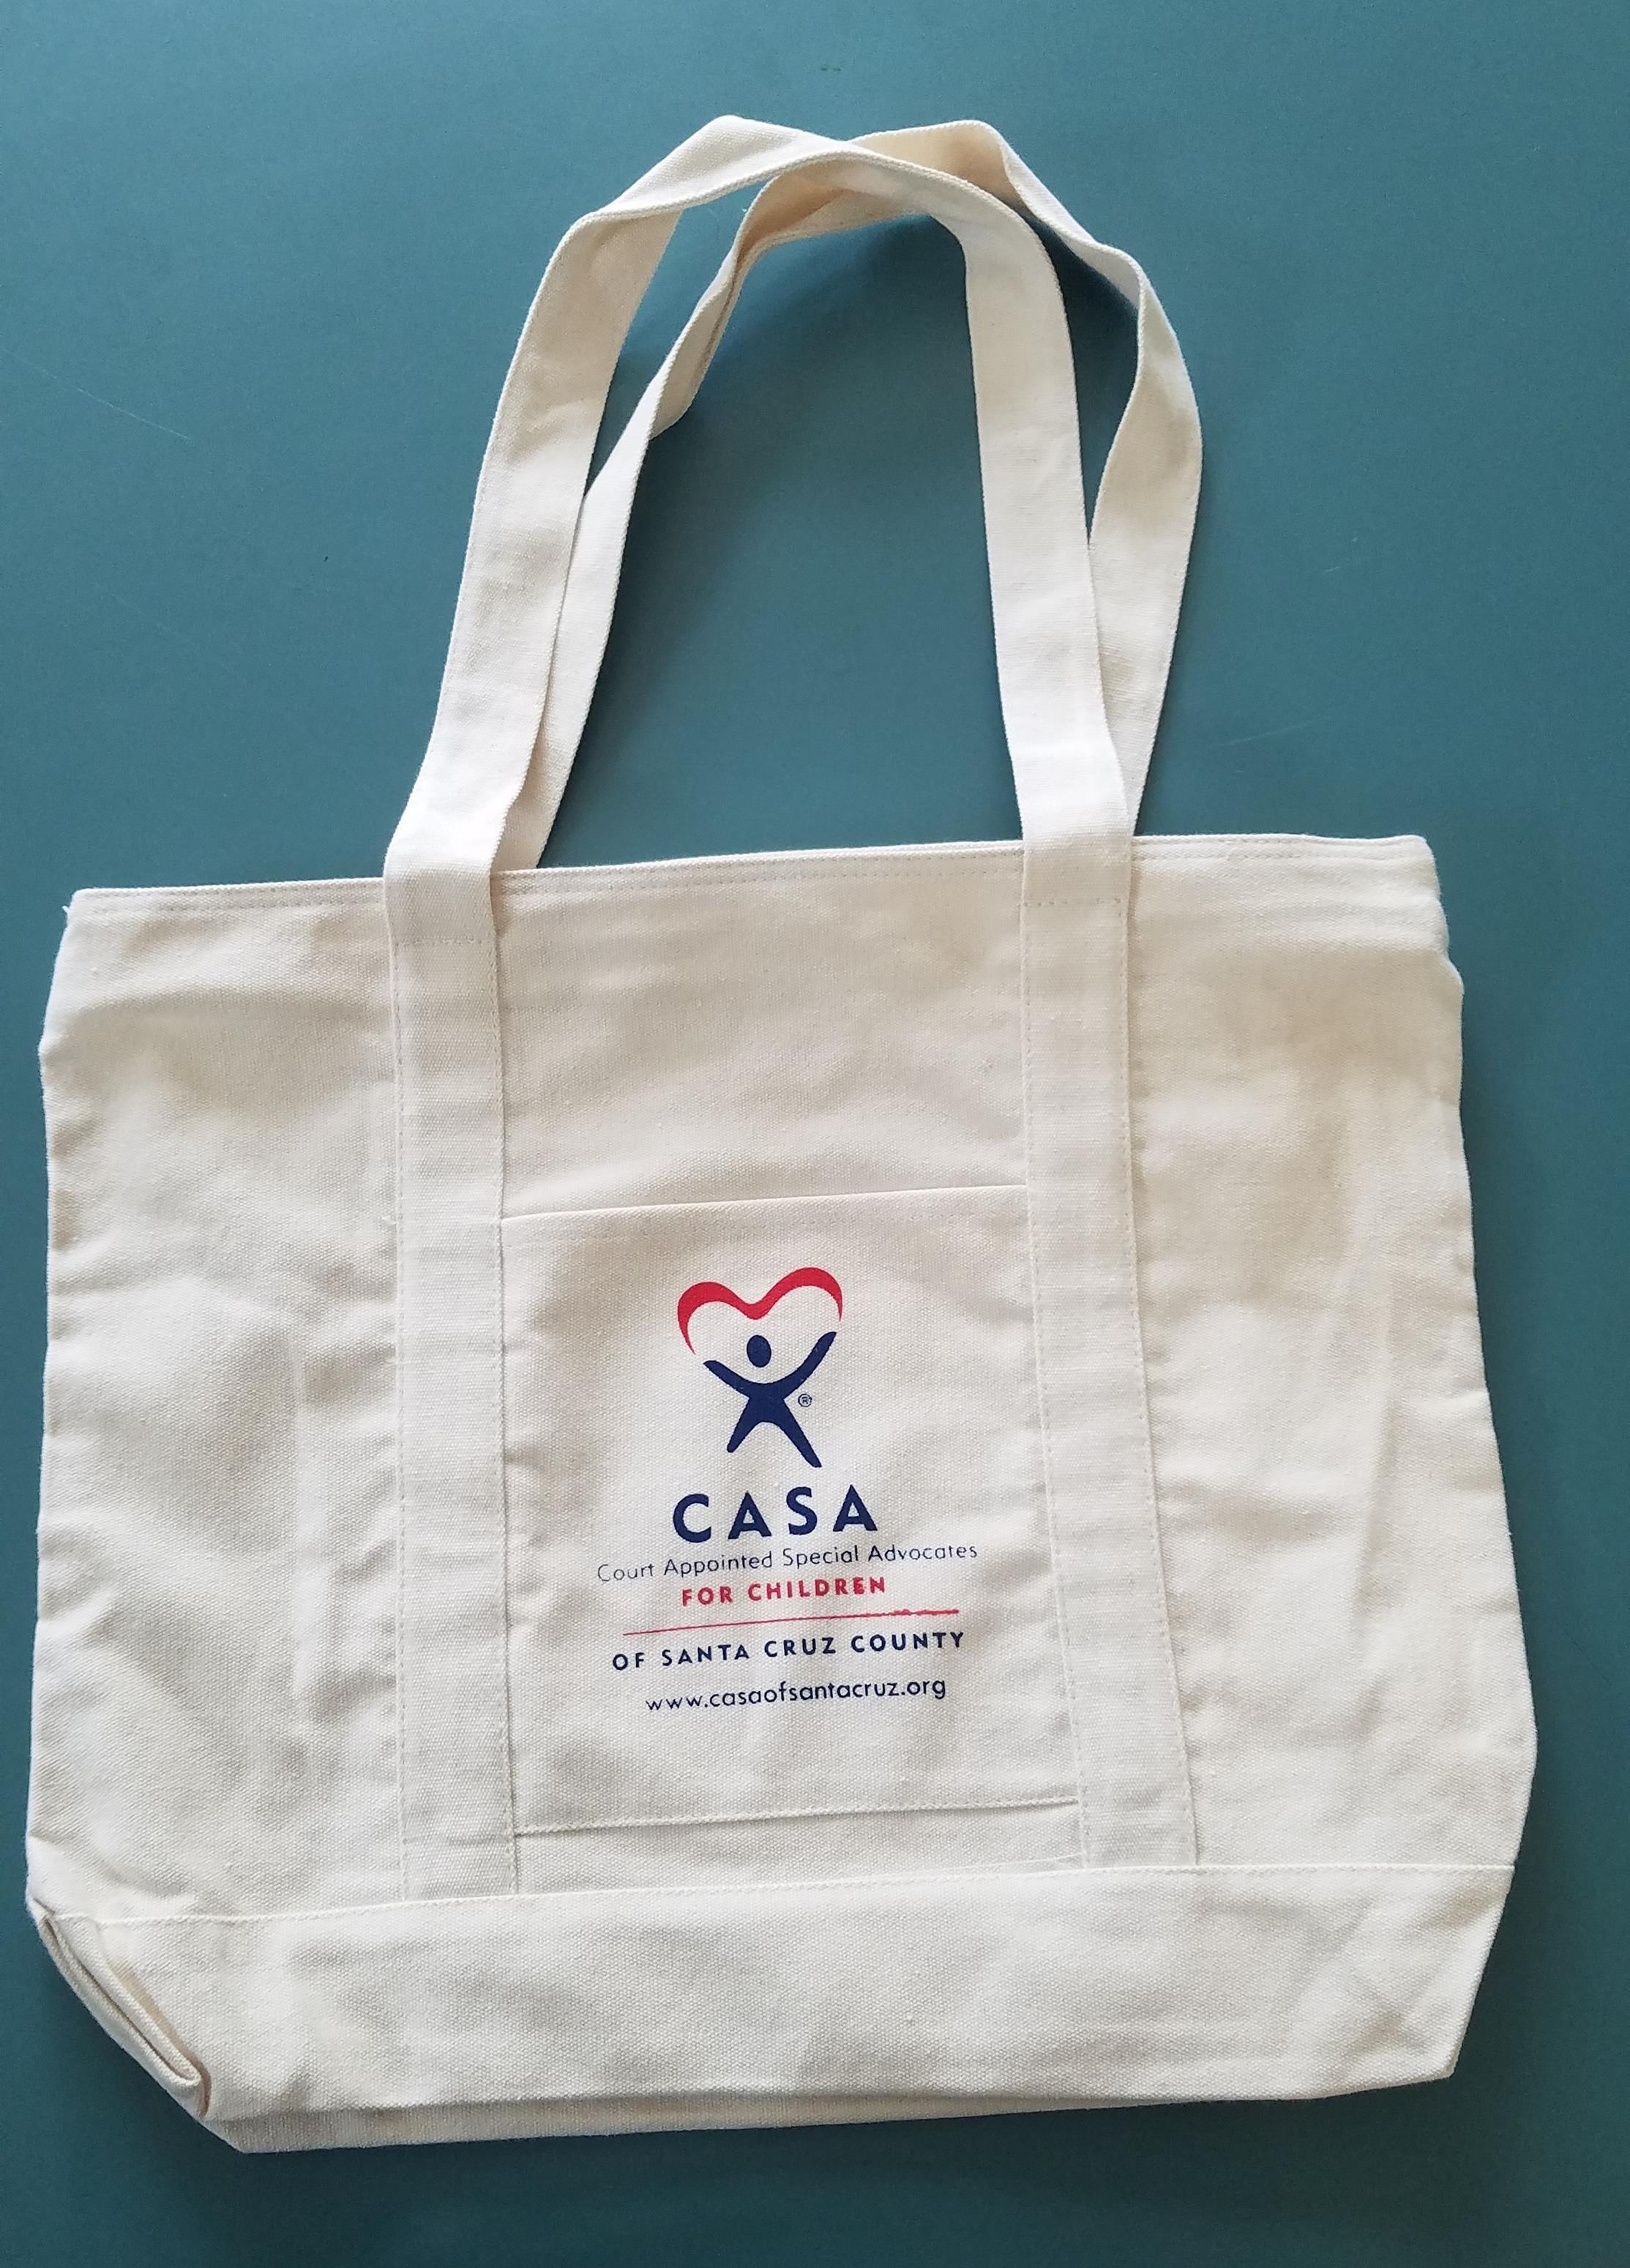 CASA Tote Bag